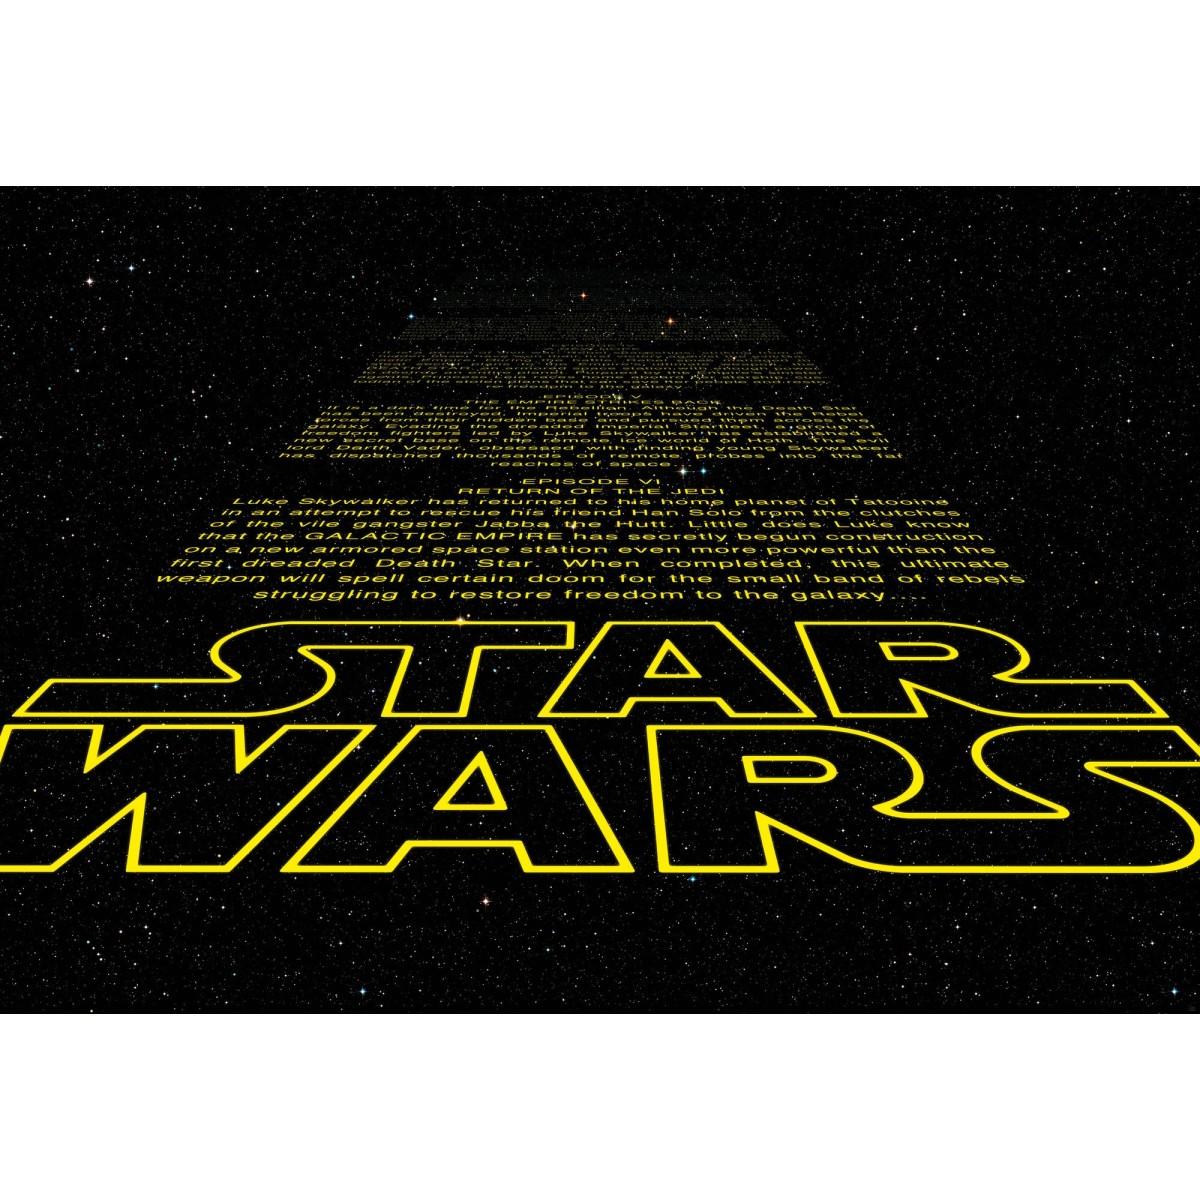 Фотопанно бумажное «Star Wars Intro» 368х254 см